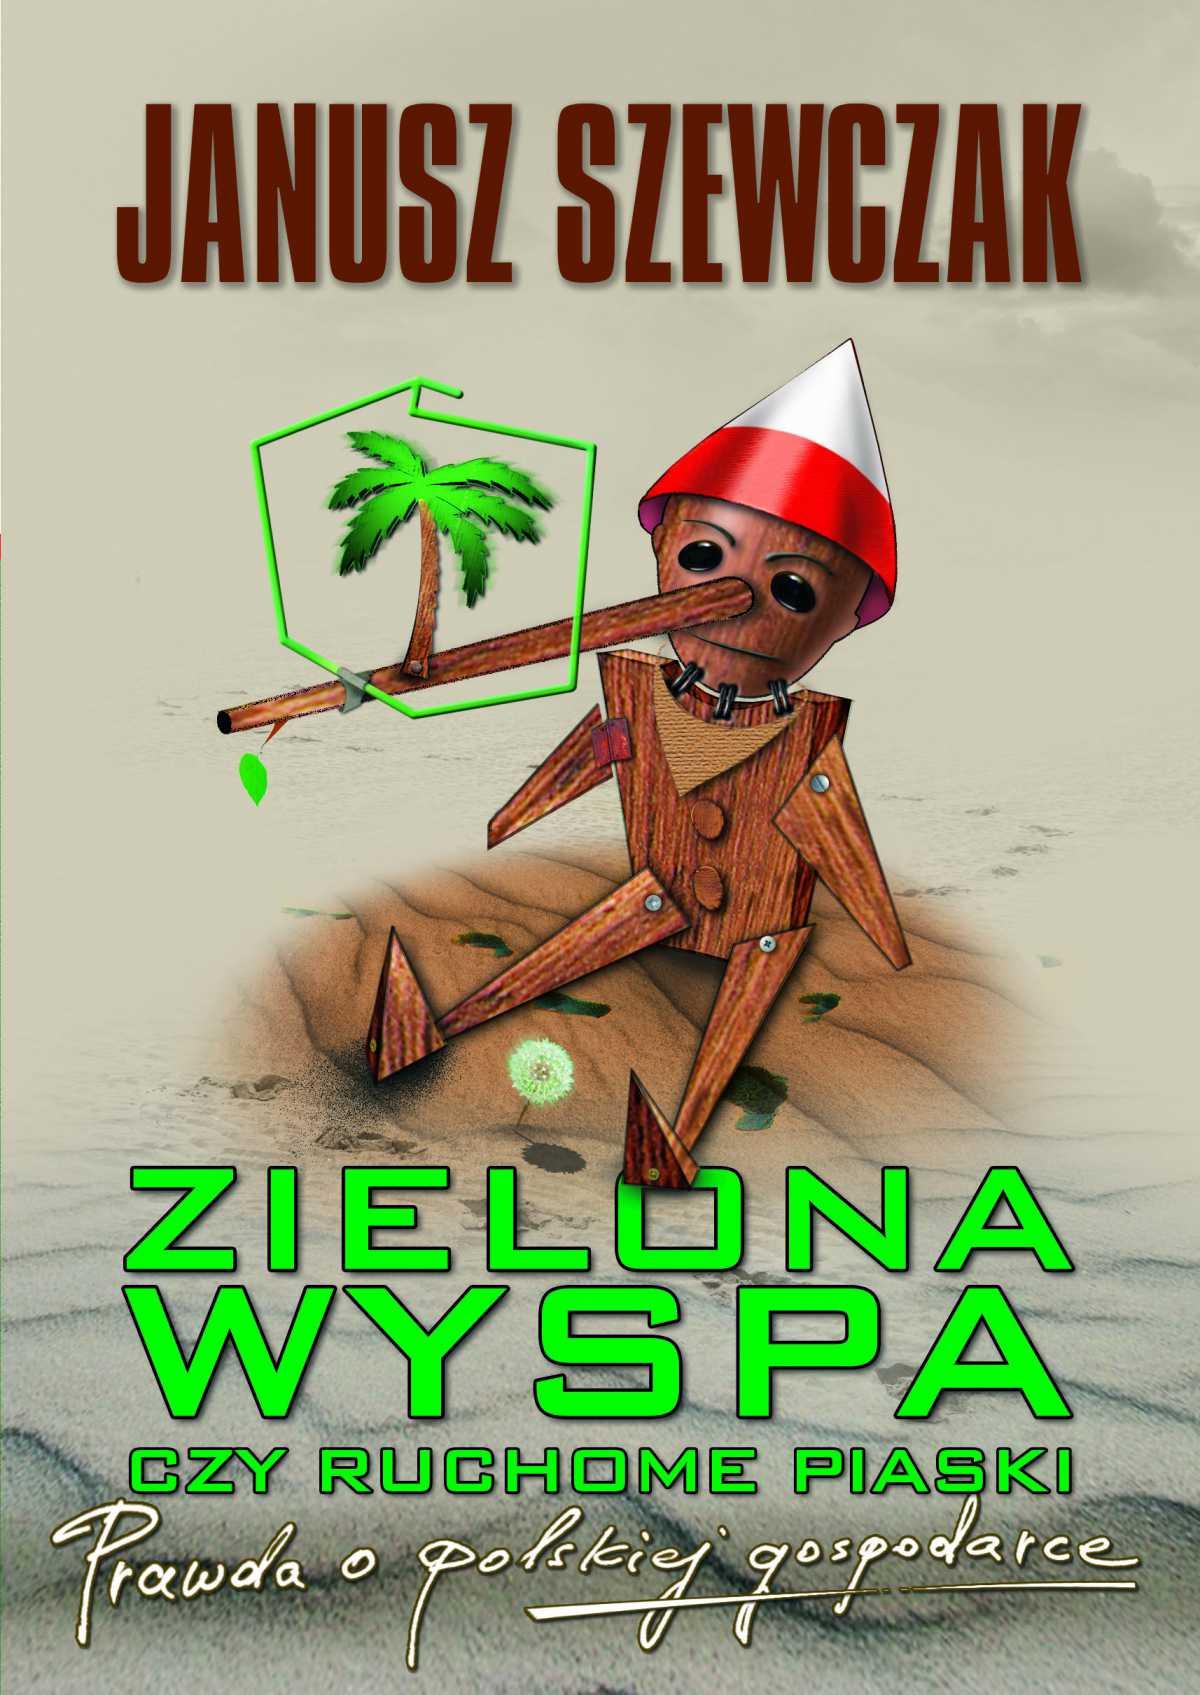 Zielona wyspa czy ruchome piaski. Prawda o polskiej gospodarce - Ebook (Książka EPUB) do pobrania w formacie EPUB